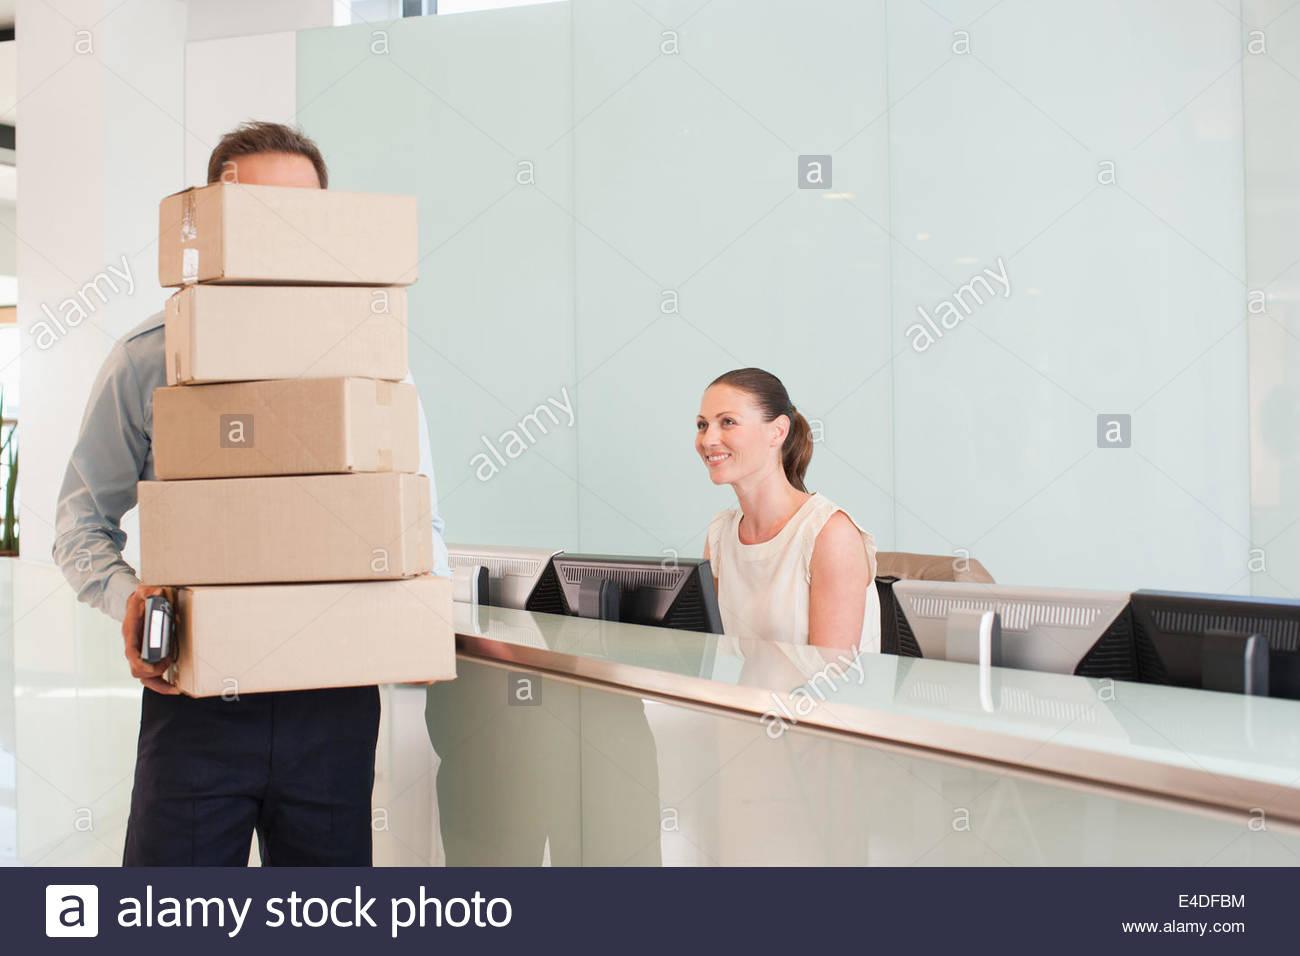 Lieferung Mann, hält Stapel Boxen im Rezeptionsbereich Stockbild